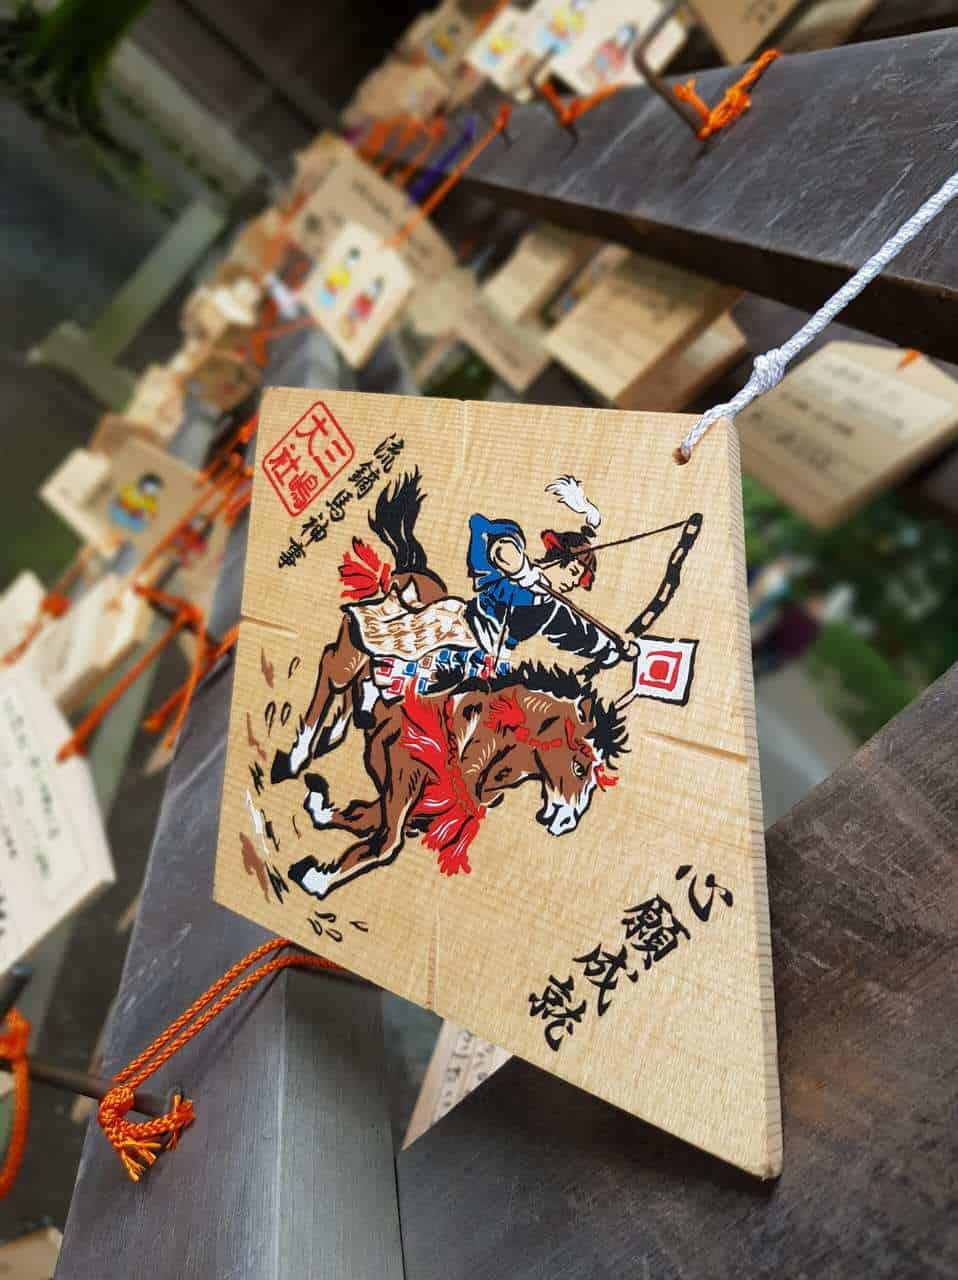 Pferde in Japan: Welche Rolle spielen sie in der japanischen Kultur?